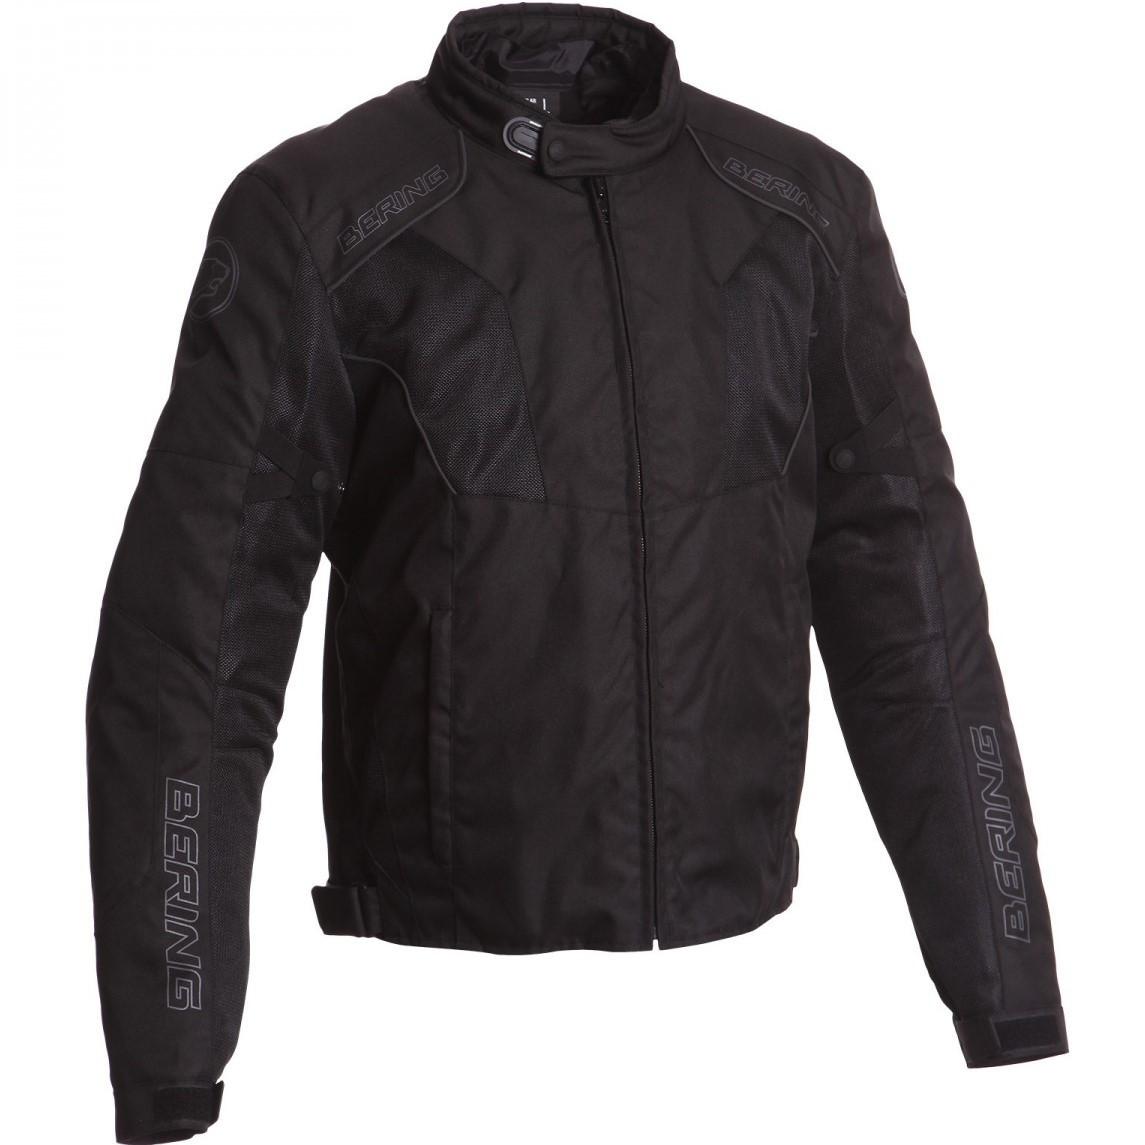 Мотокуртка Bering текстиль Tiago черная, M